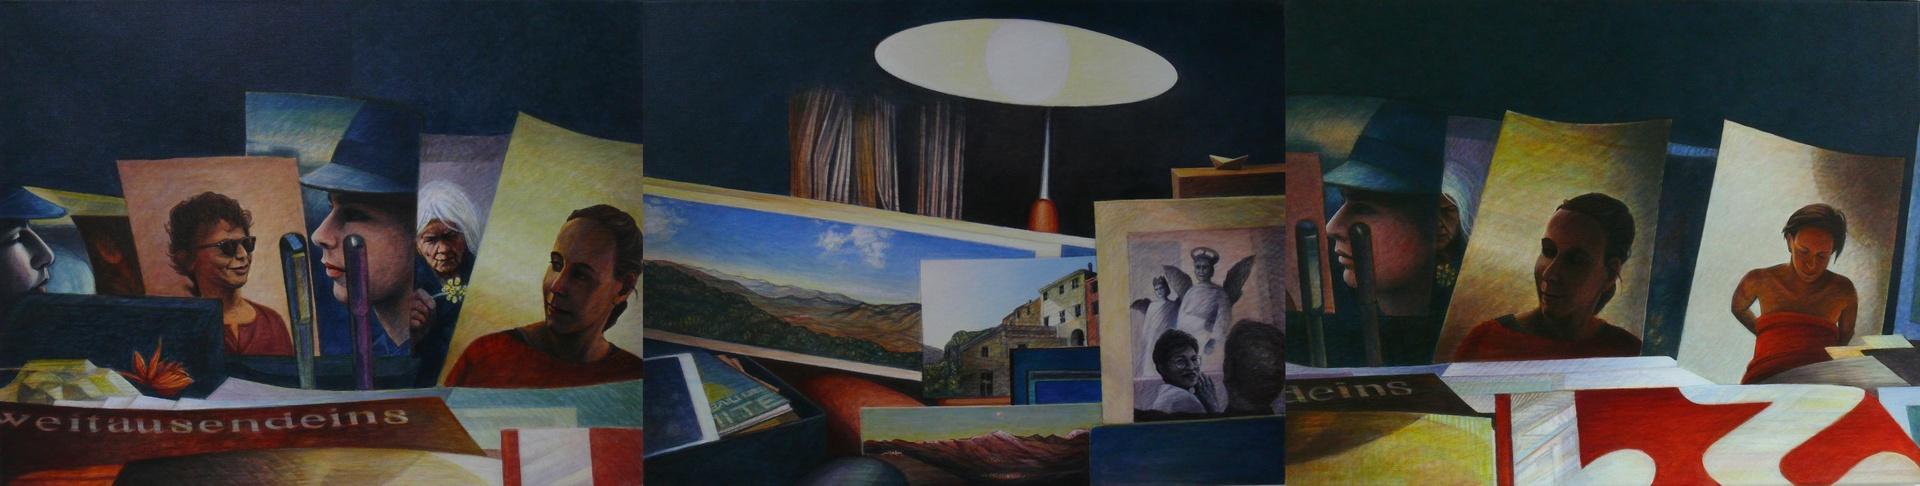 Schreibtischleben II